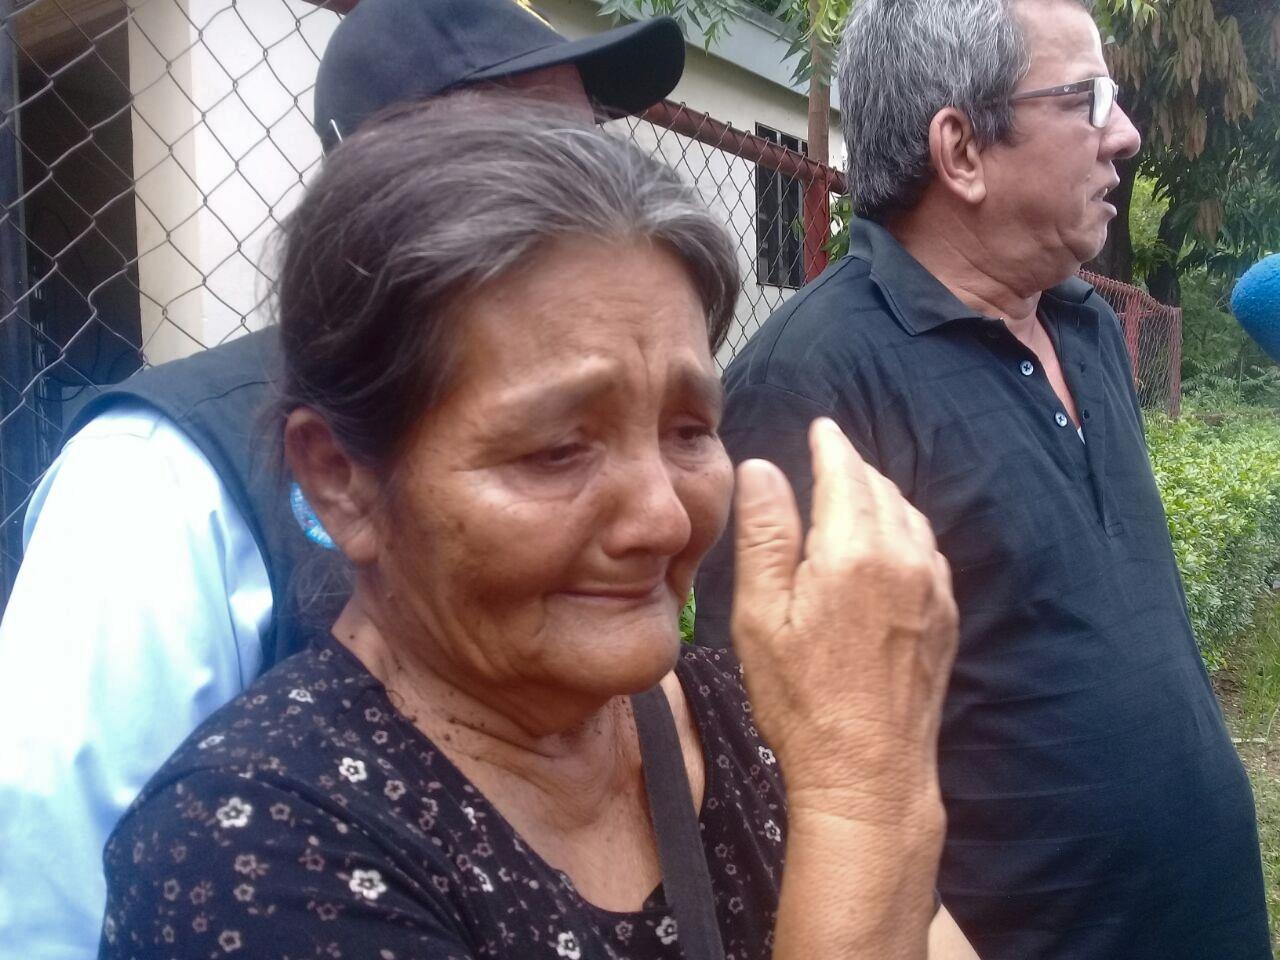 Tía de del joven Daniel Reyes, pedía justicia por la muerte de su sobrino. Fotografía: Artículo66